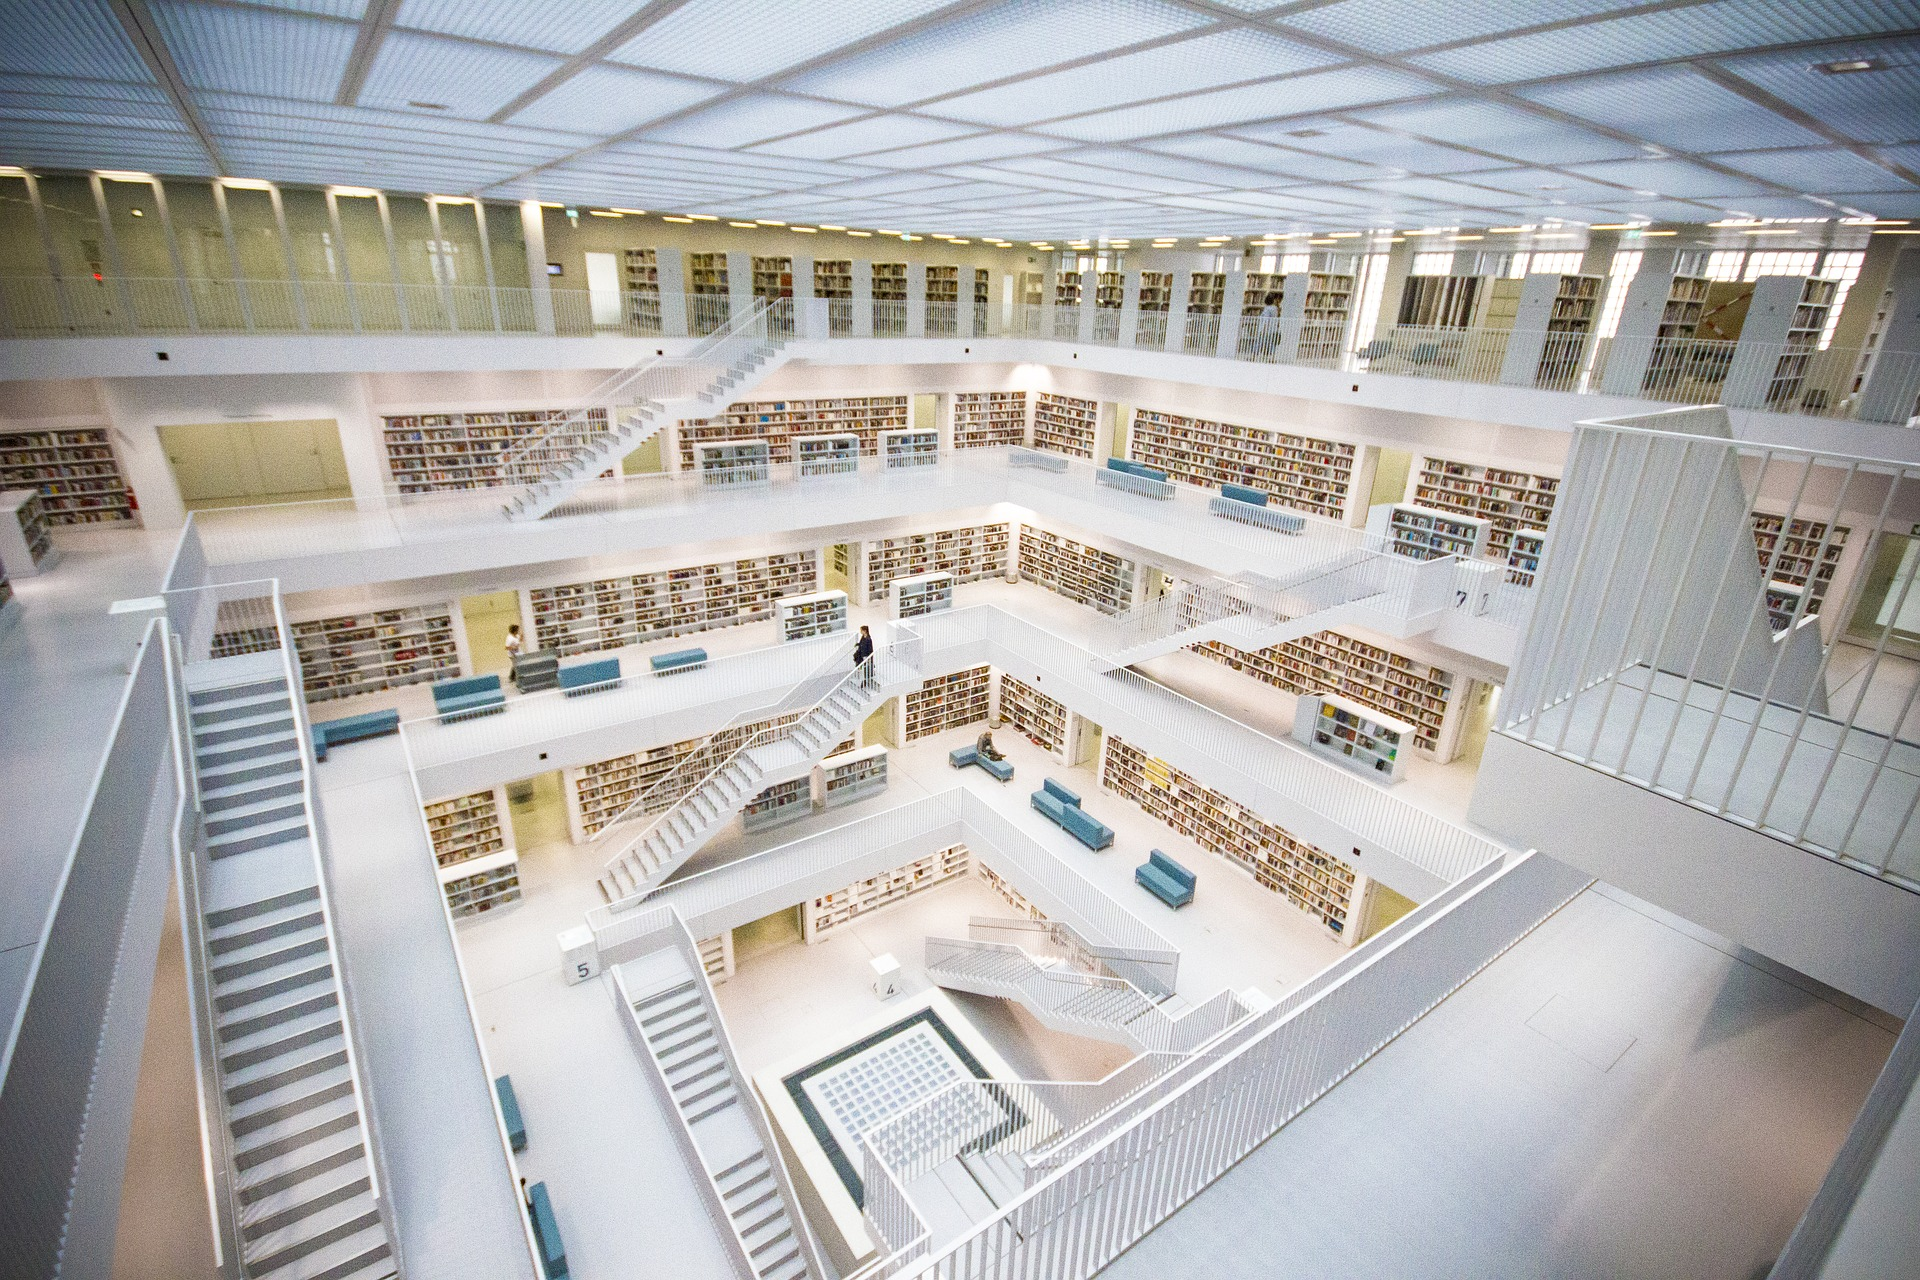 Los investigadores trabajamos con fuentes secundarias, como los libros que encontramos en las bibliotecas